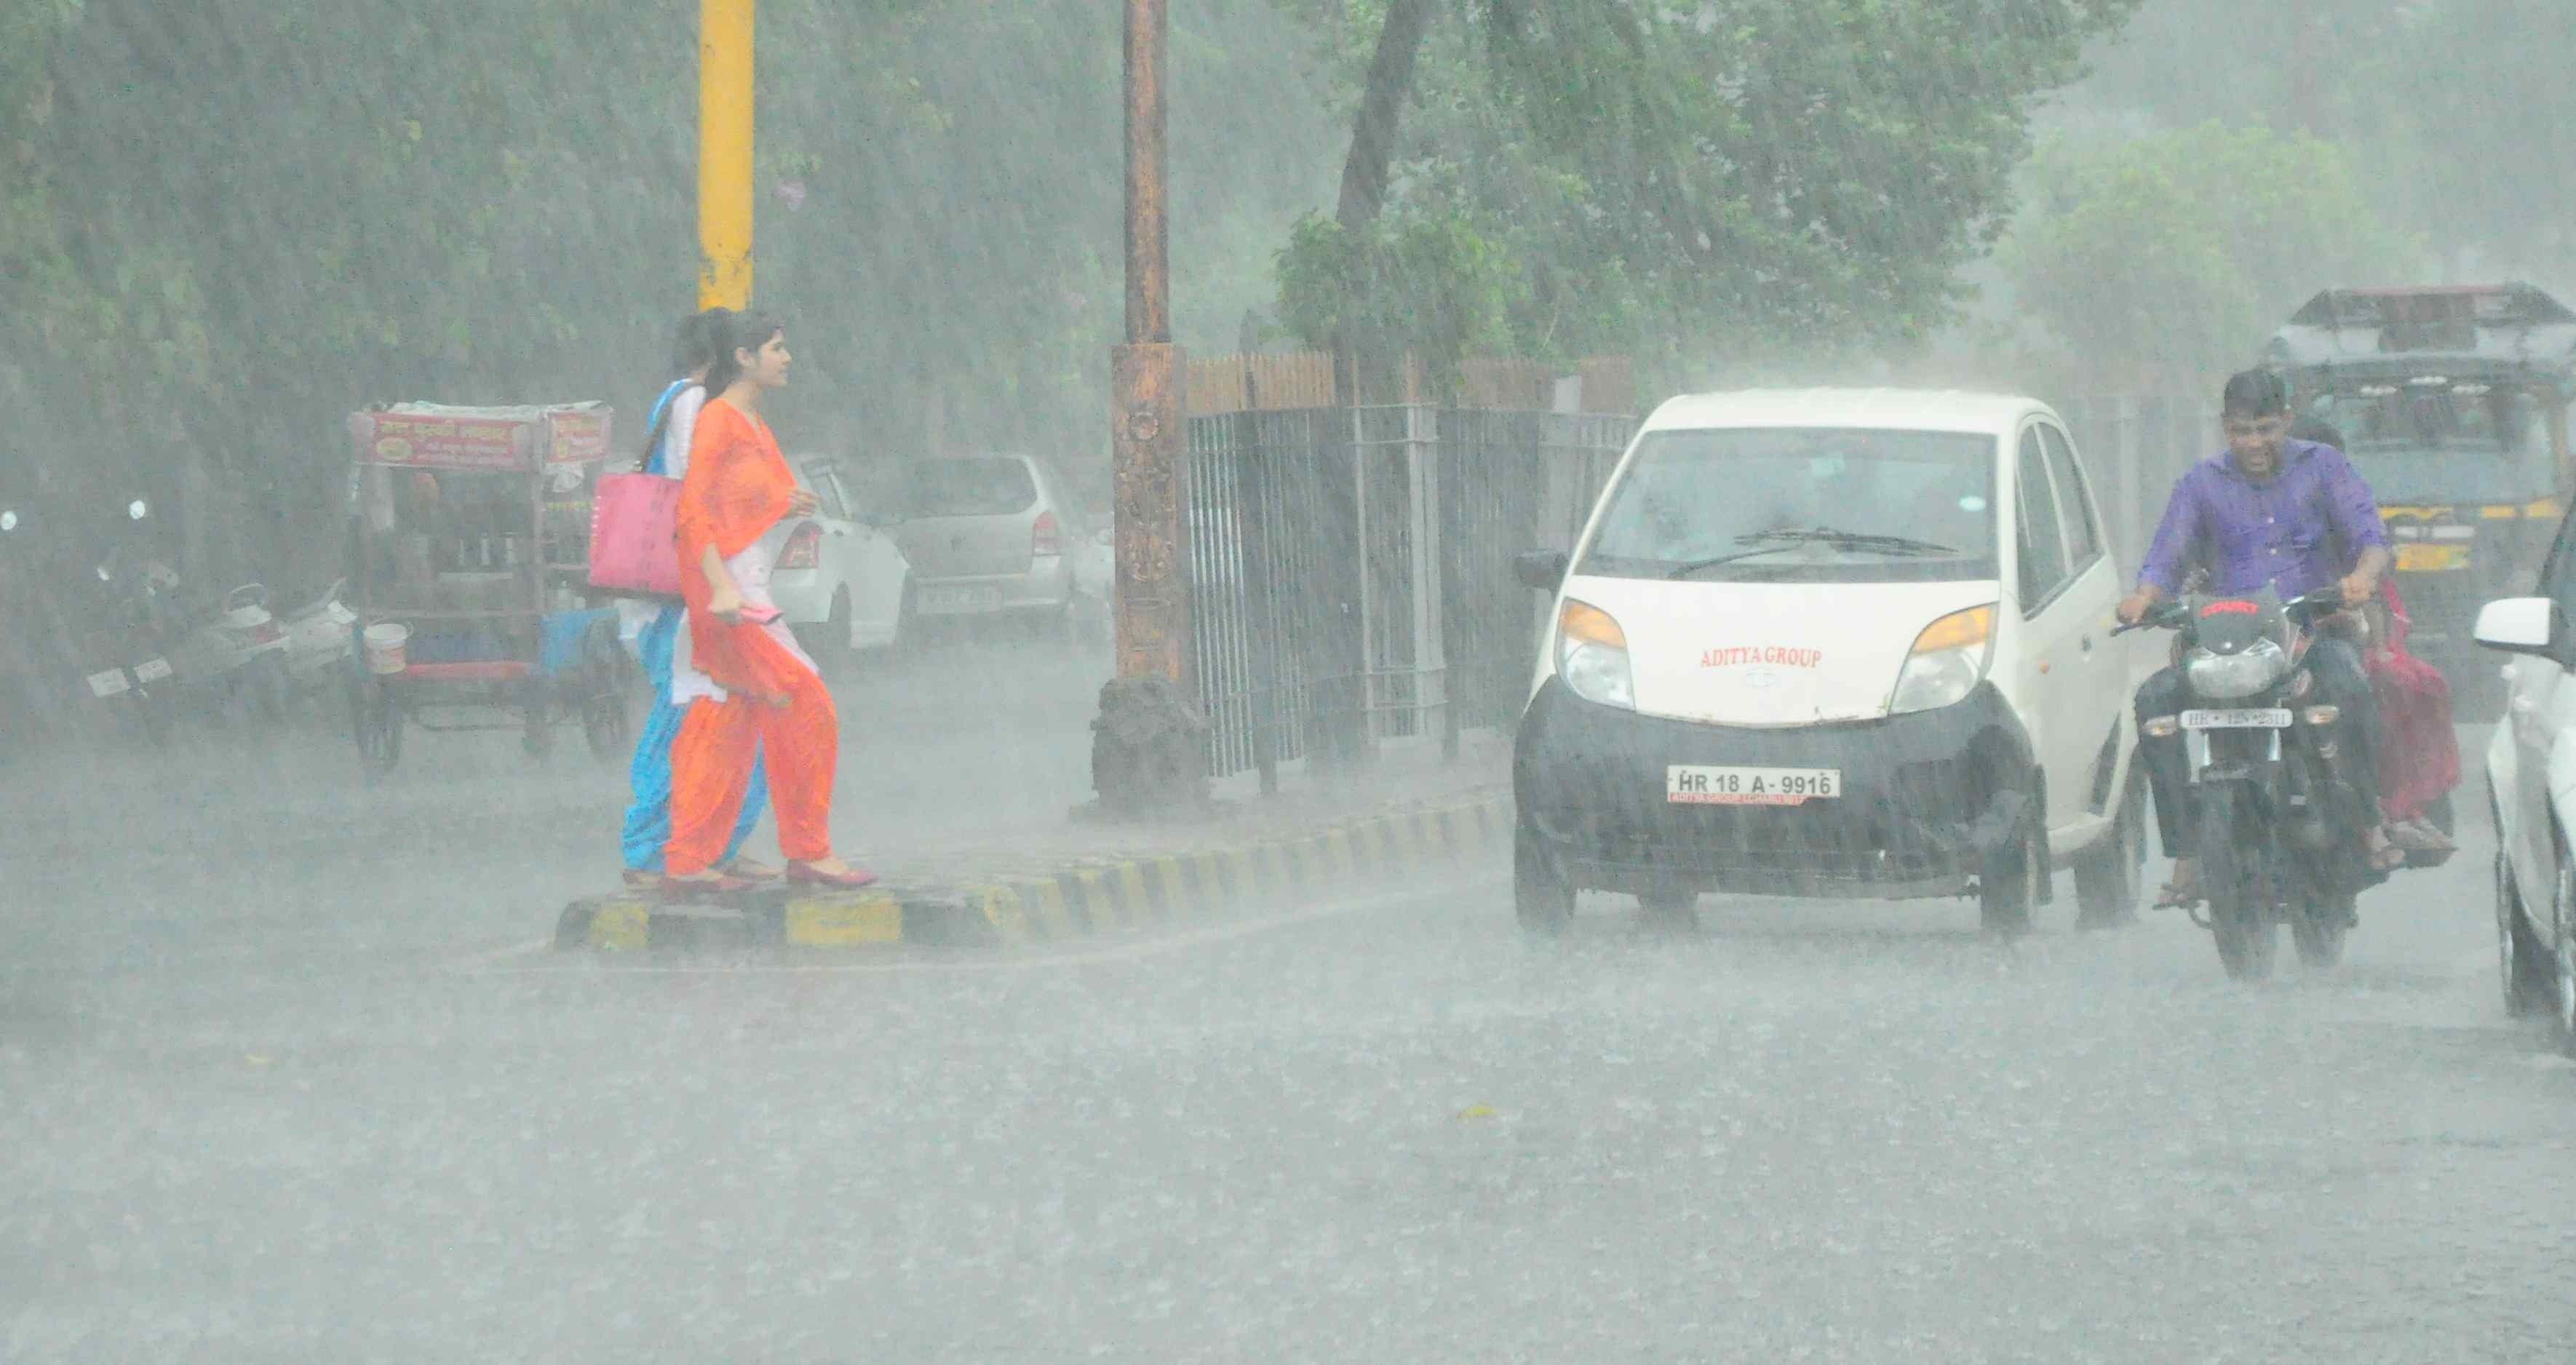 UP-MP के इन क्षेत्रों में भारी बारिश की चेतावनी, जारी हुआ येलो अलर्ट